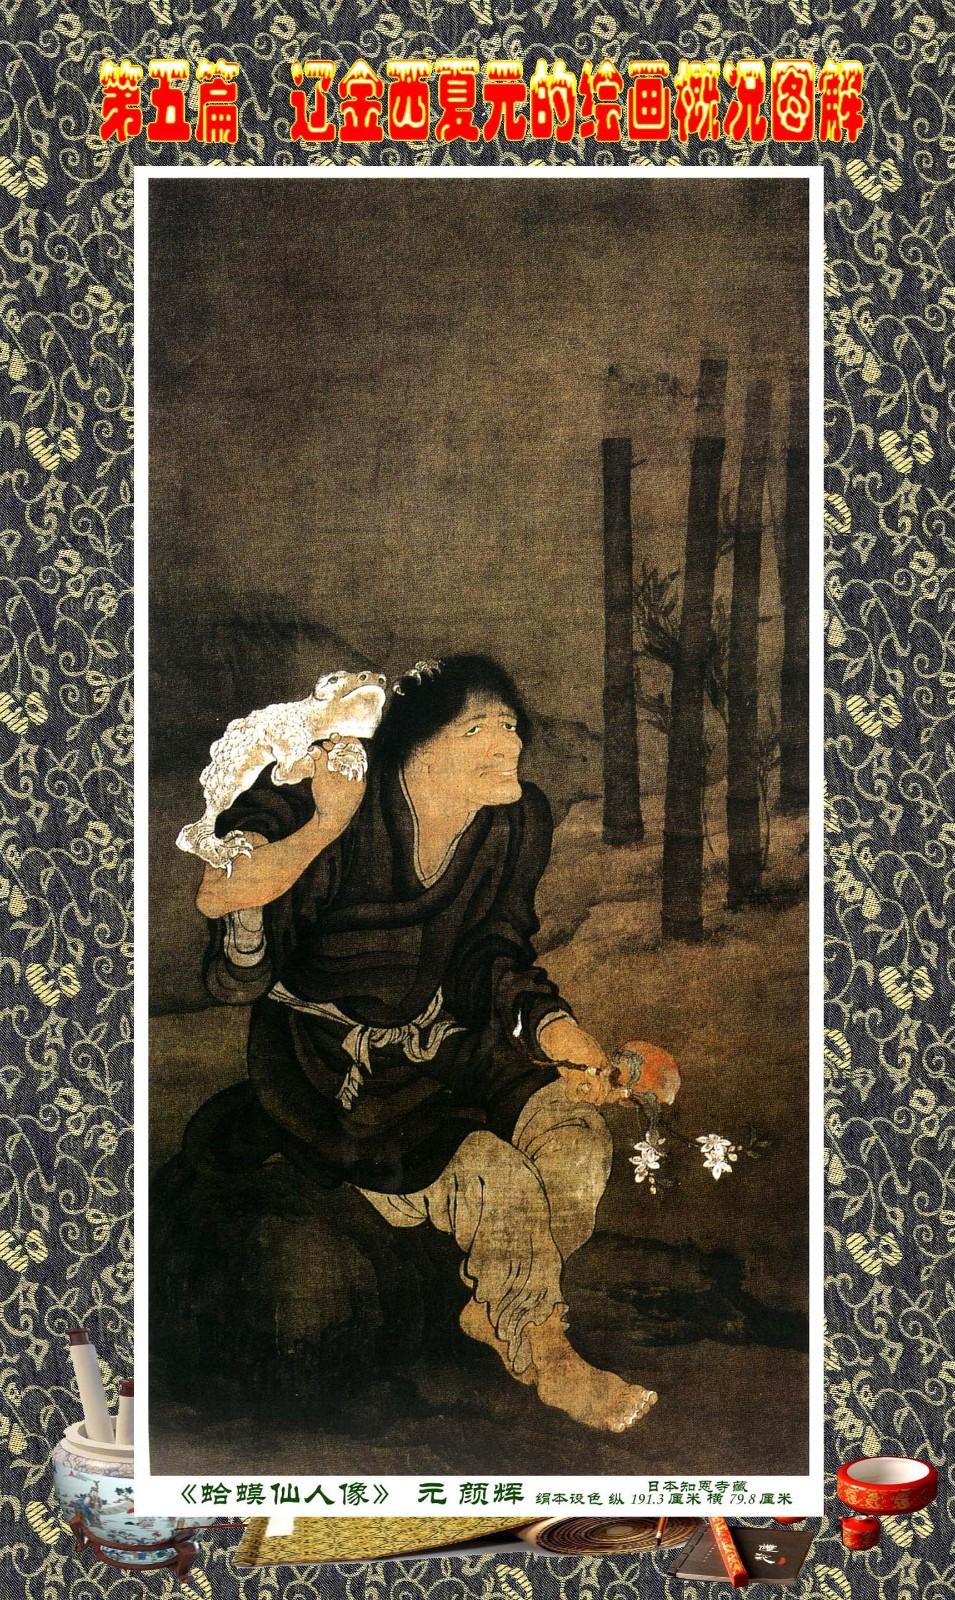 顾绍骅编辑 中国画知识普及版 第五篇 辽金西夏元的绘画概况 下 ... ..._图1-34